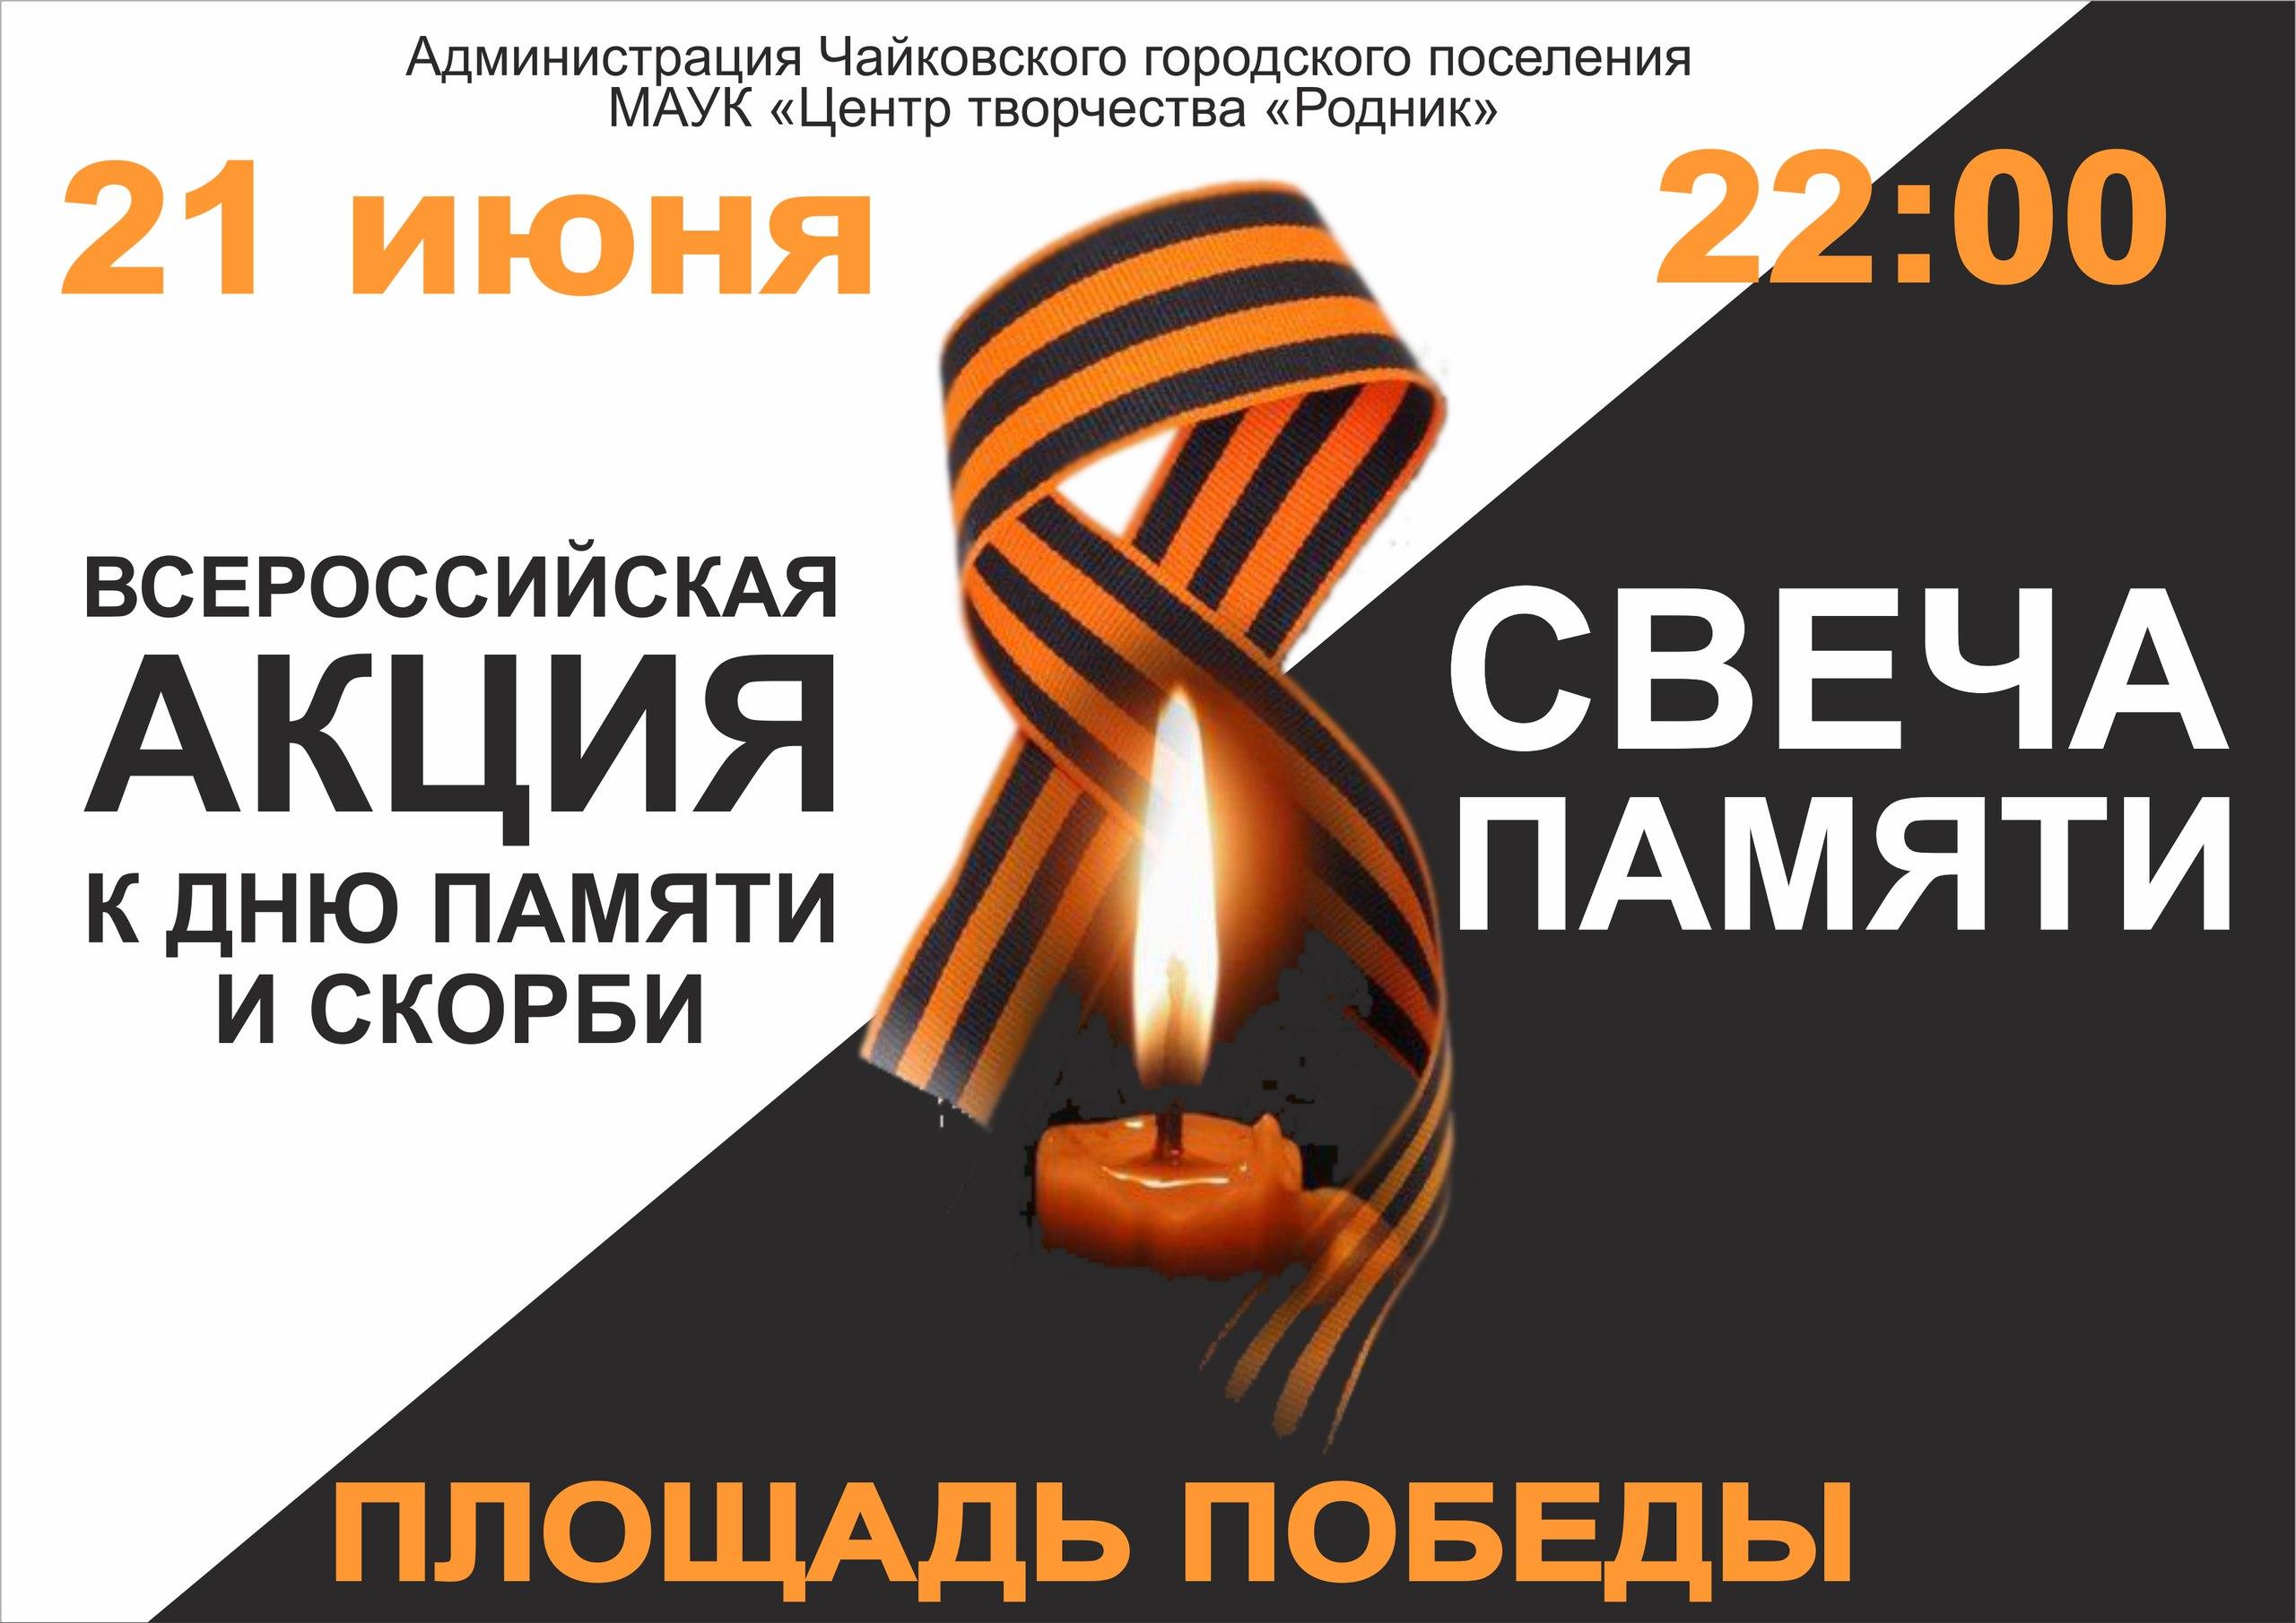 афиша свеча памяти, Чайковский, 2017 год